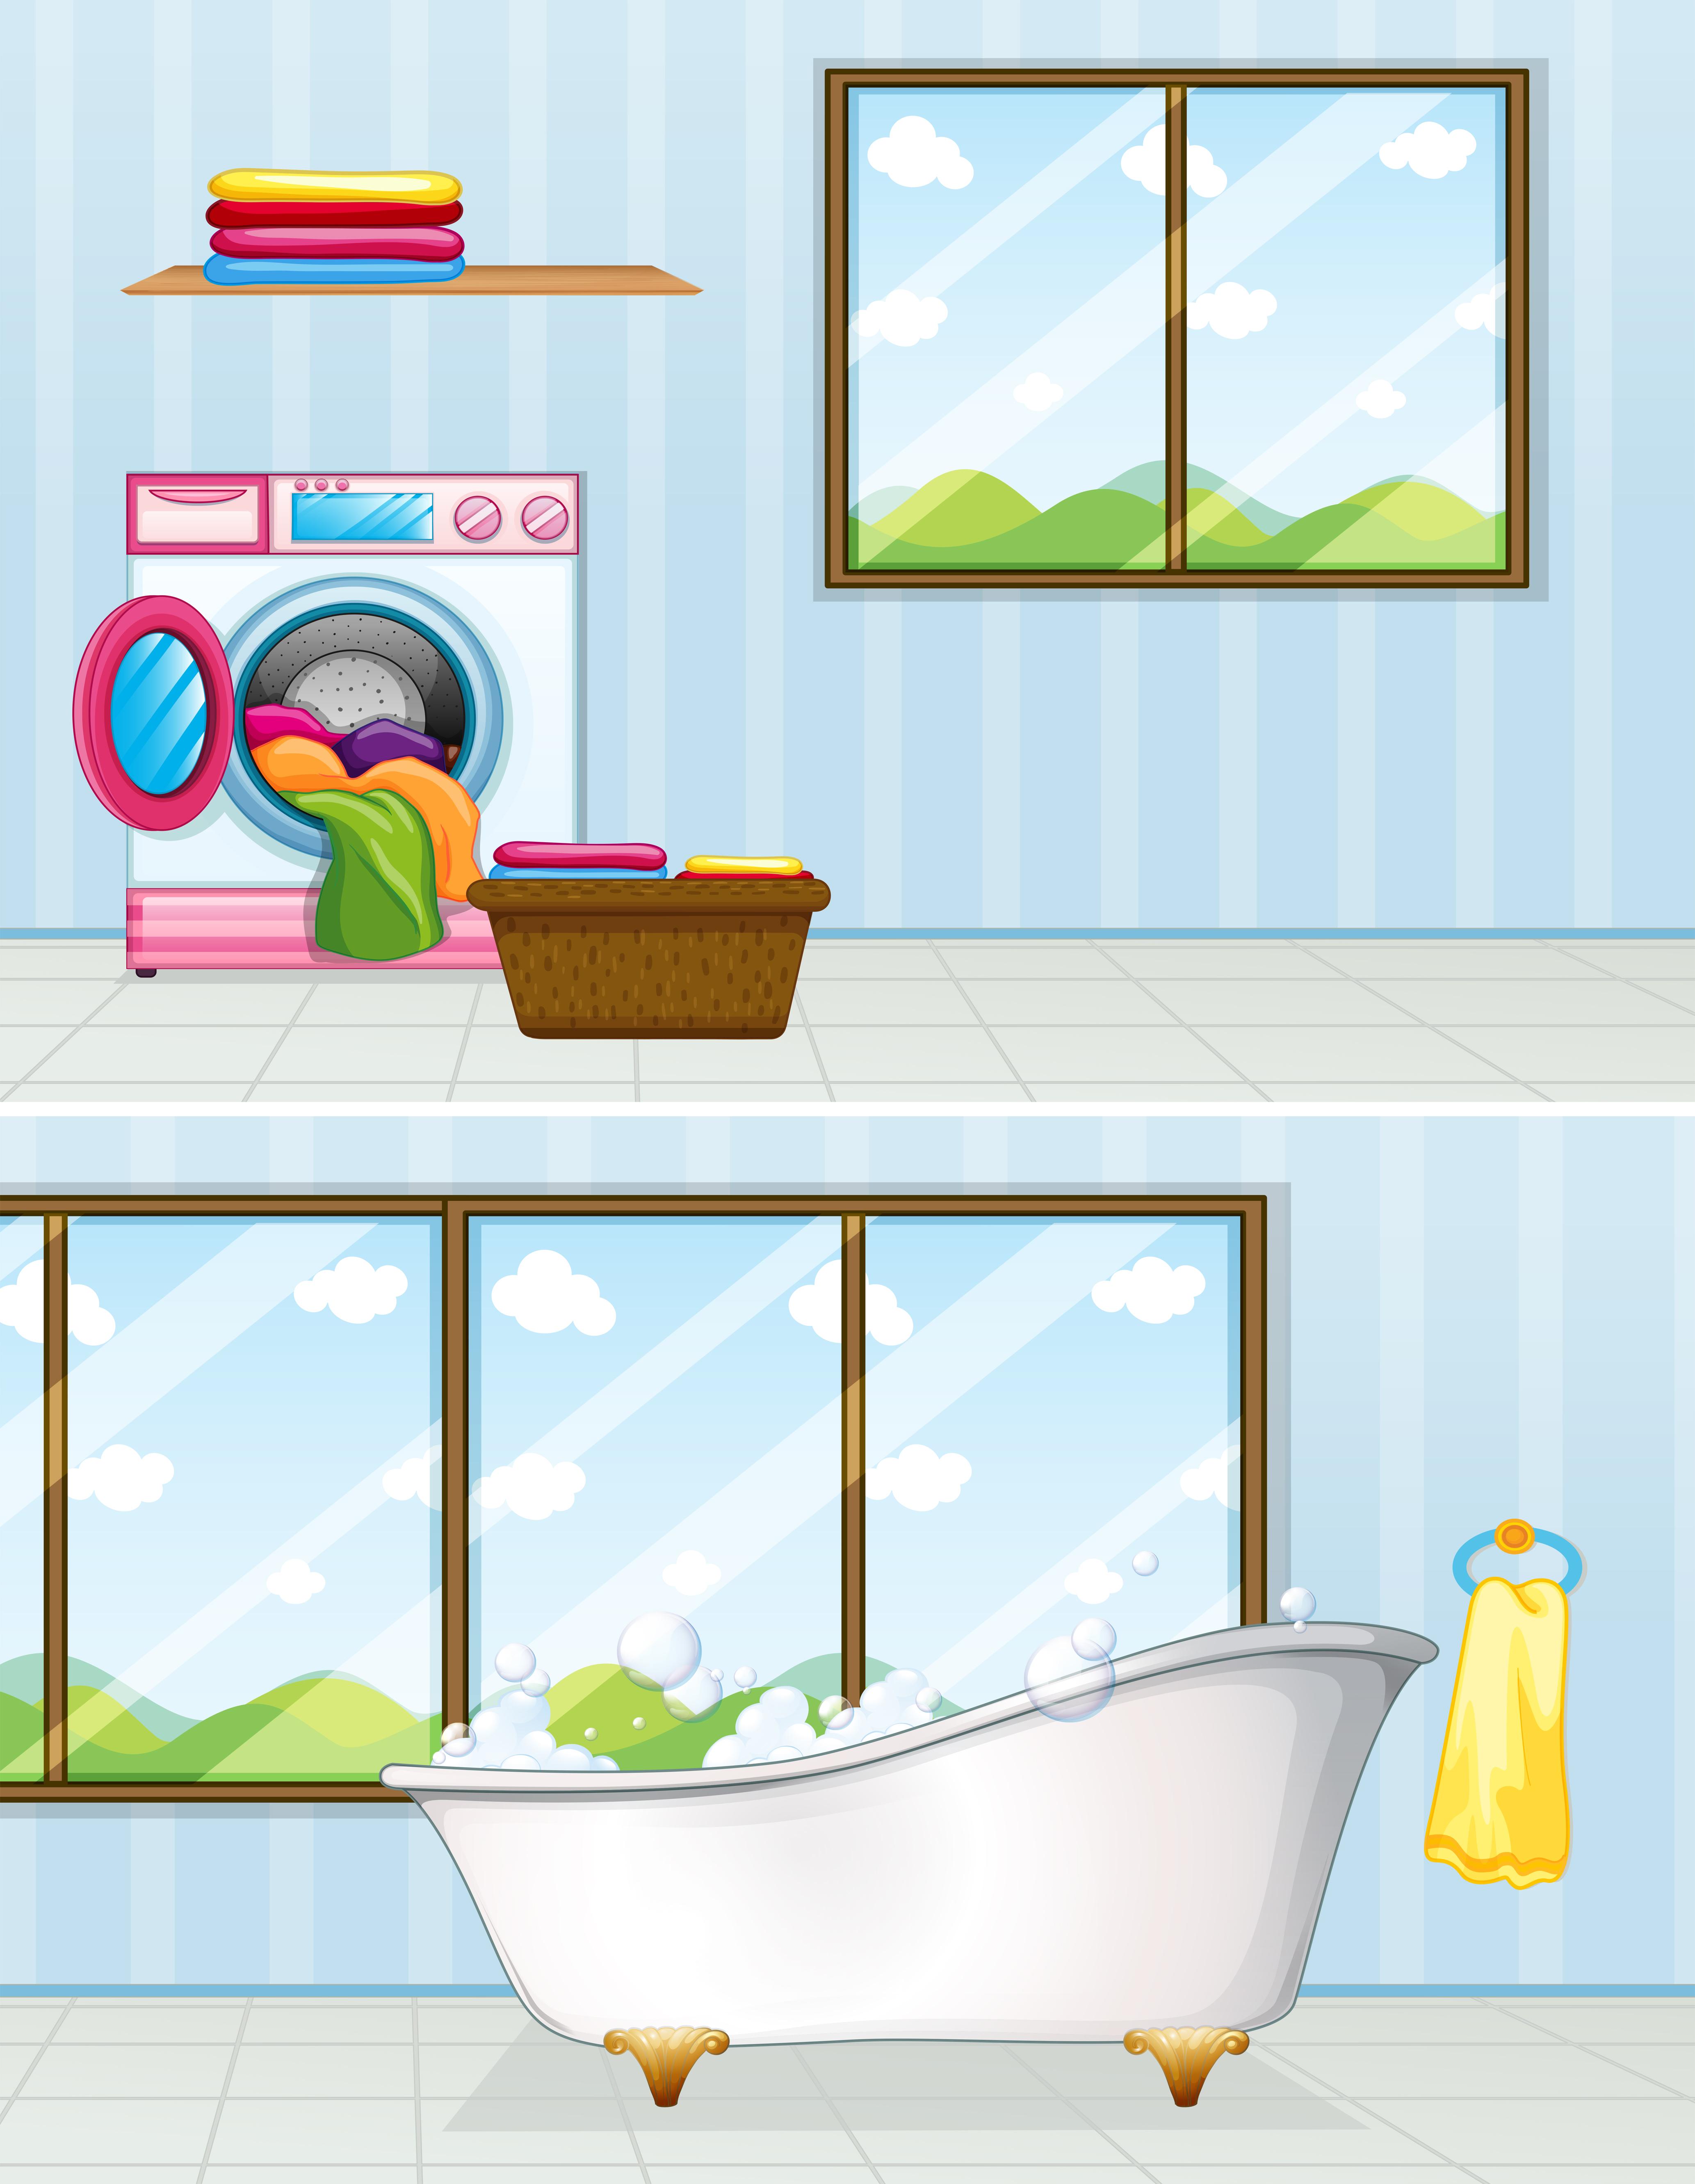 Cuarto de lavado y baño. 559464 Vector en Vecteezy